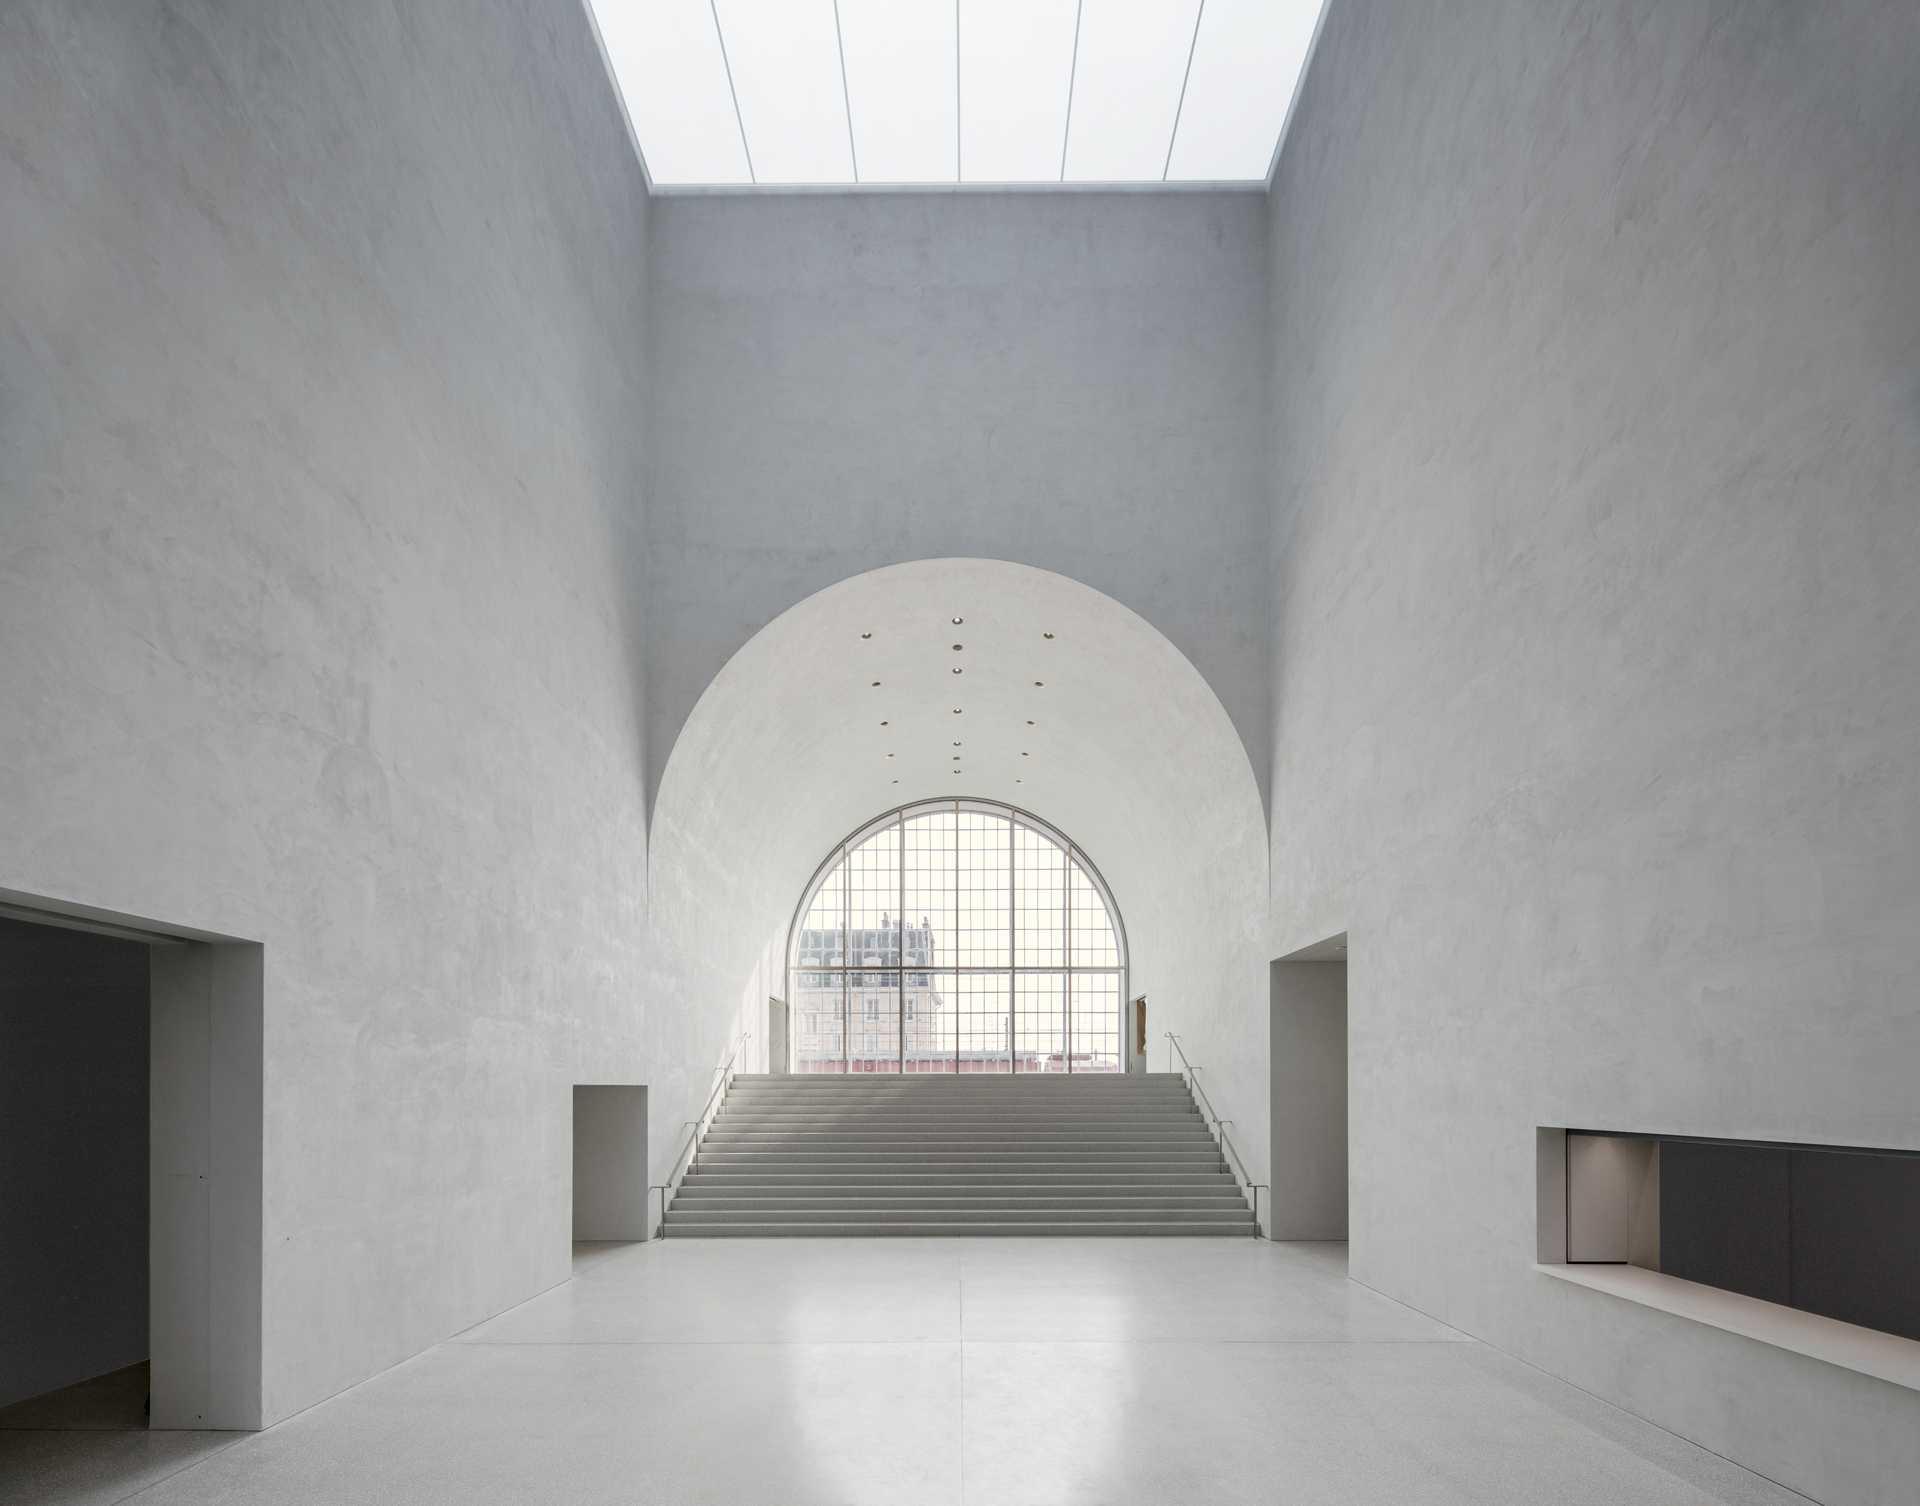 Musée Cantonal des Beaux-Arts  - 21 06 43